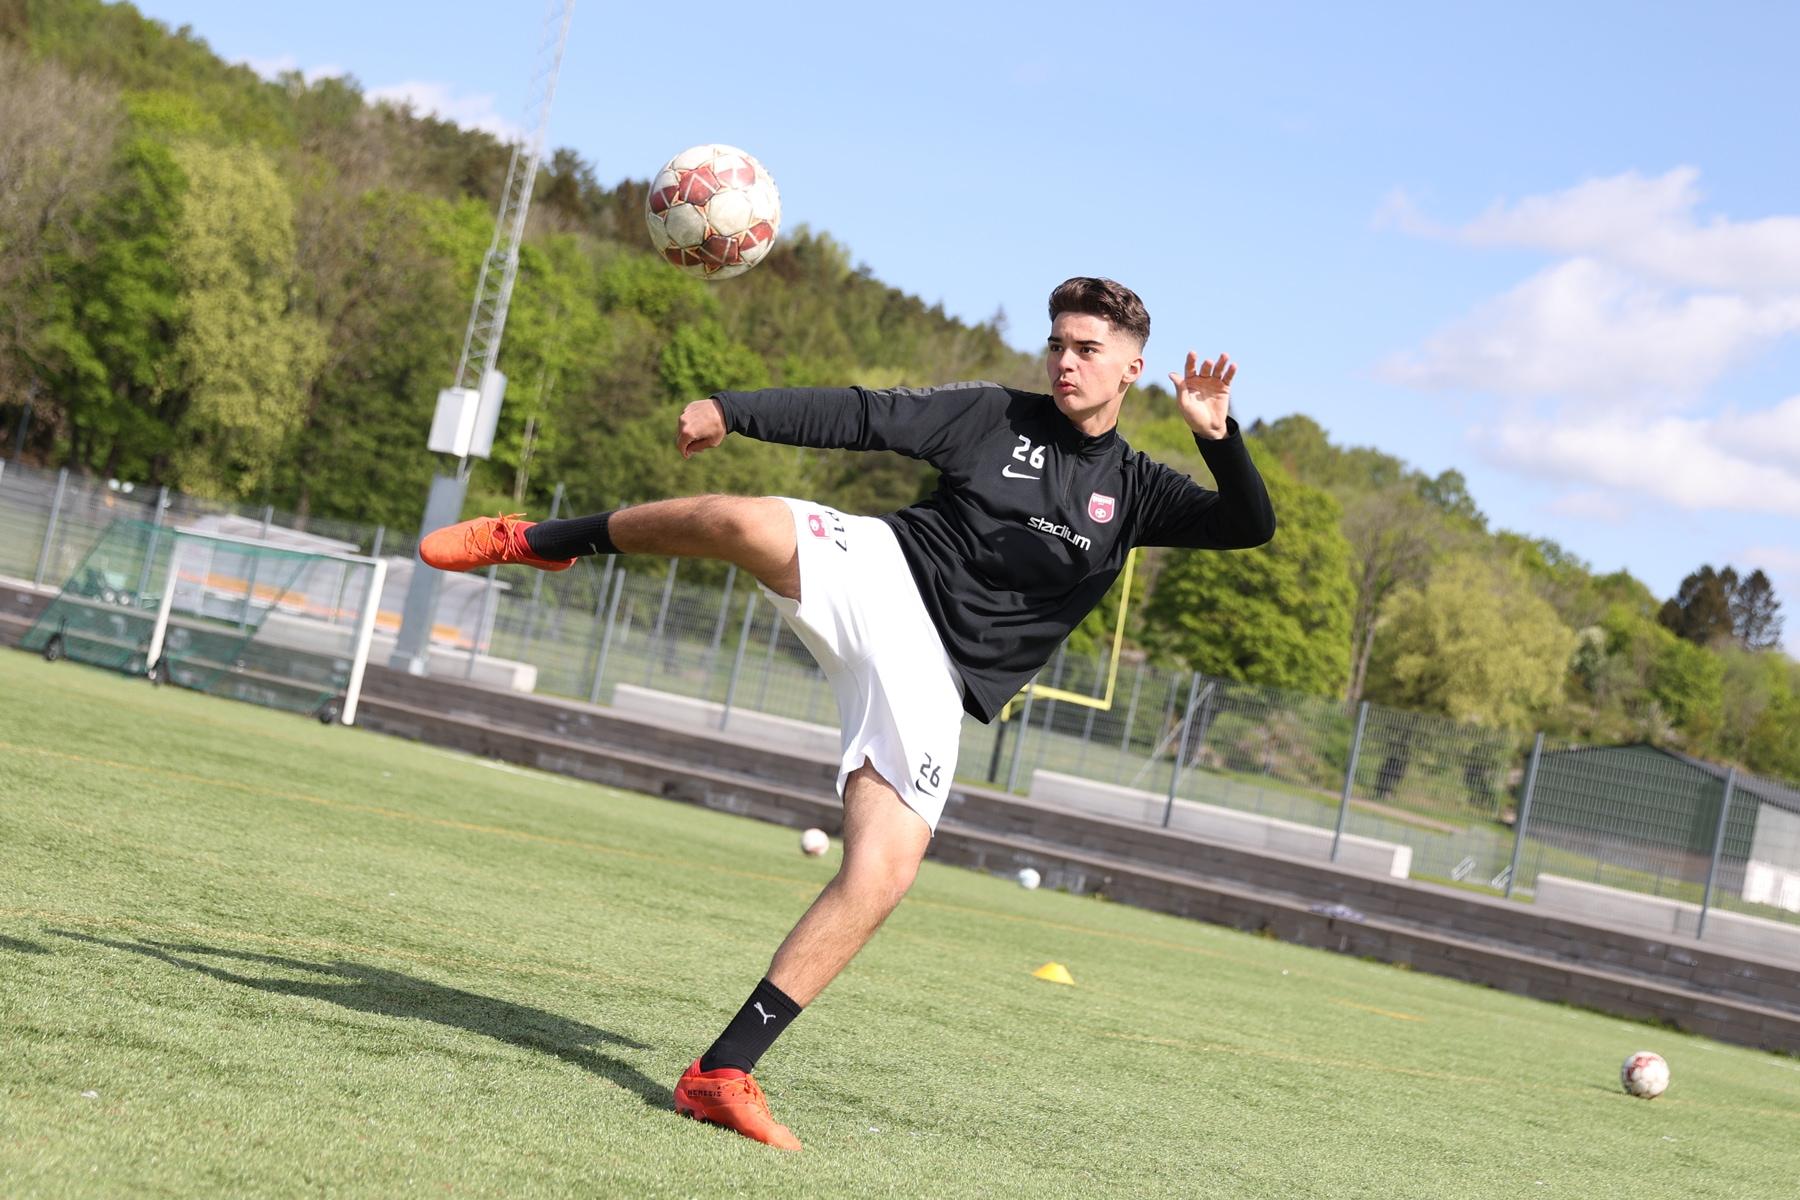 Tekniktränande fotbollsspelare på Änglagårdsskolan.